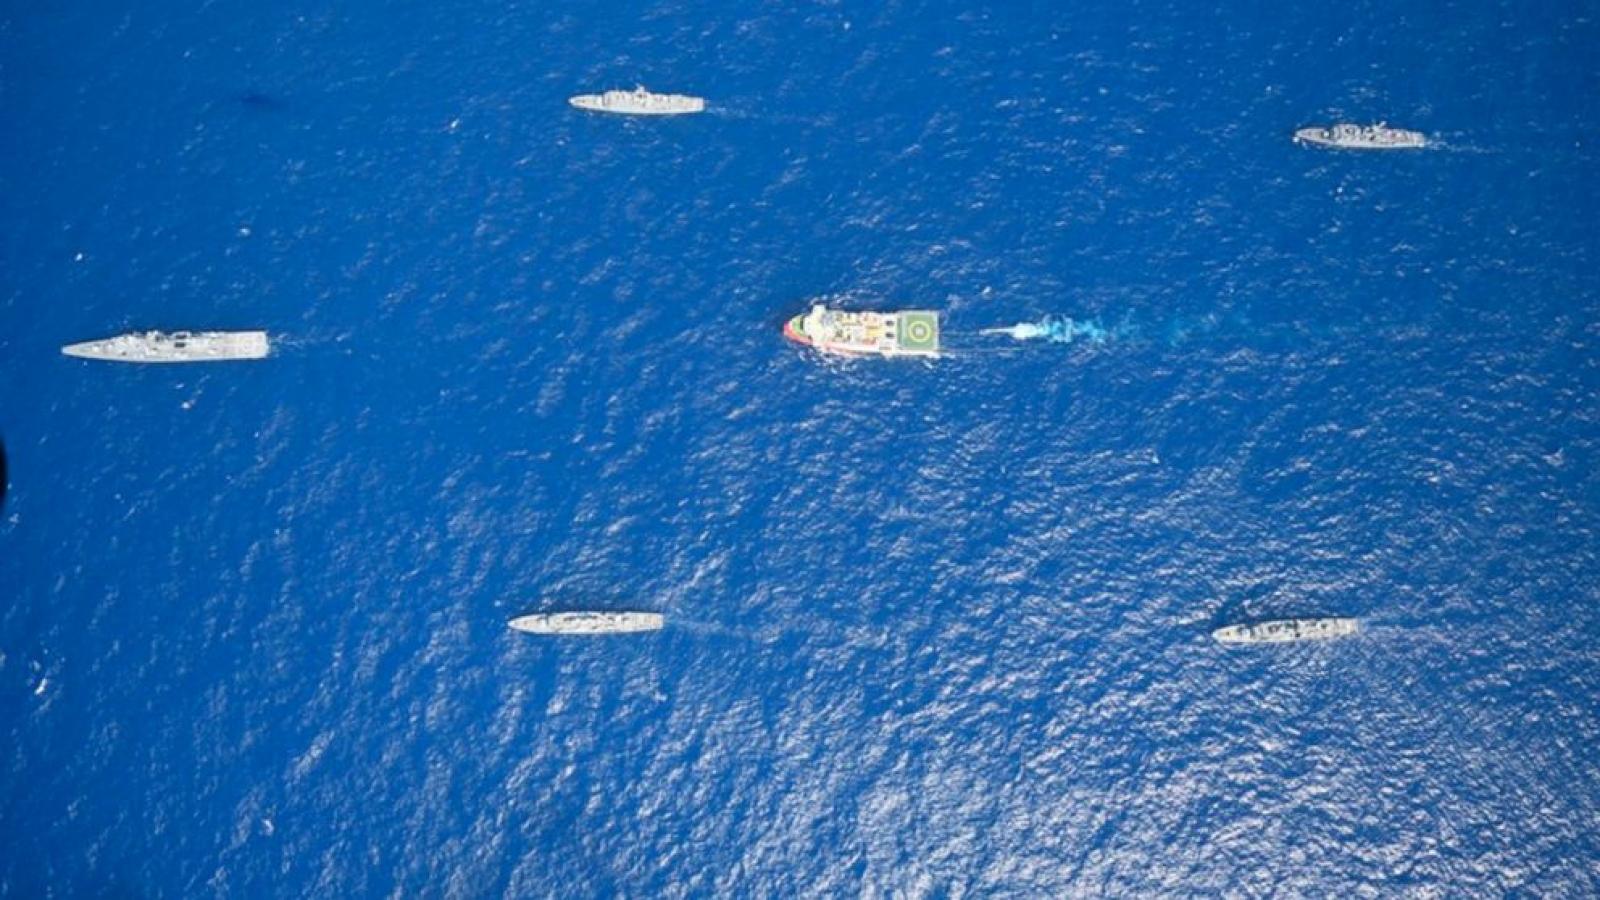 Hải quân Hy Lạp kết thúc cuộc tập trận bắn đạn thật